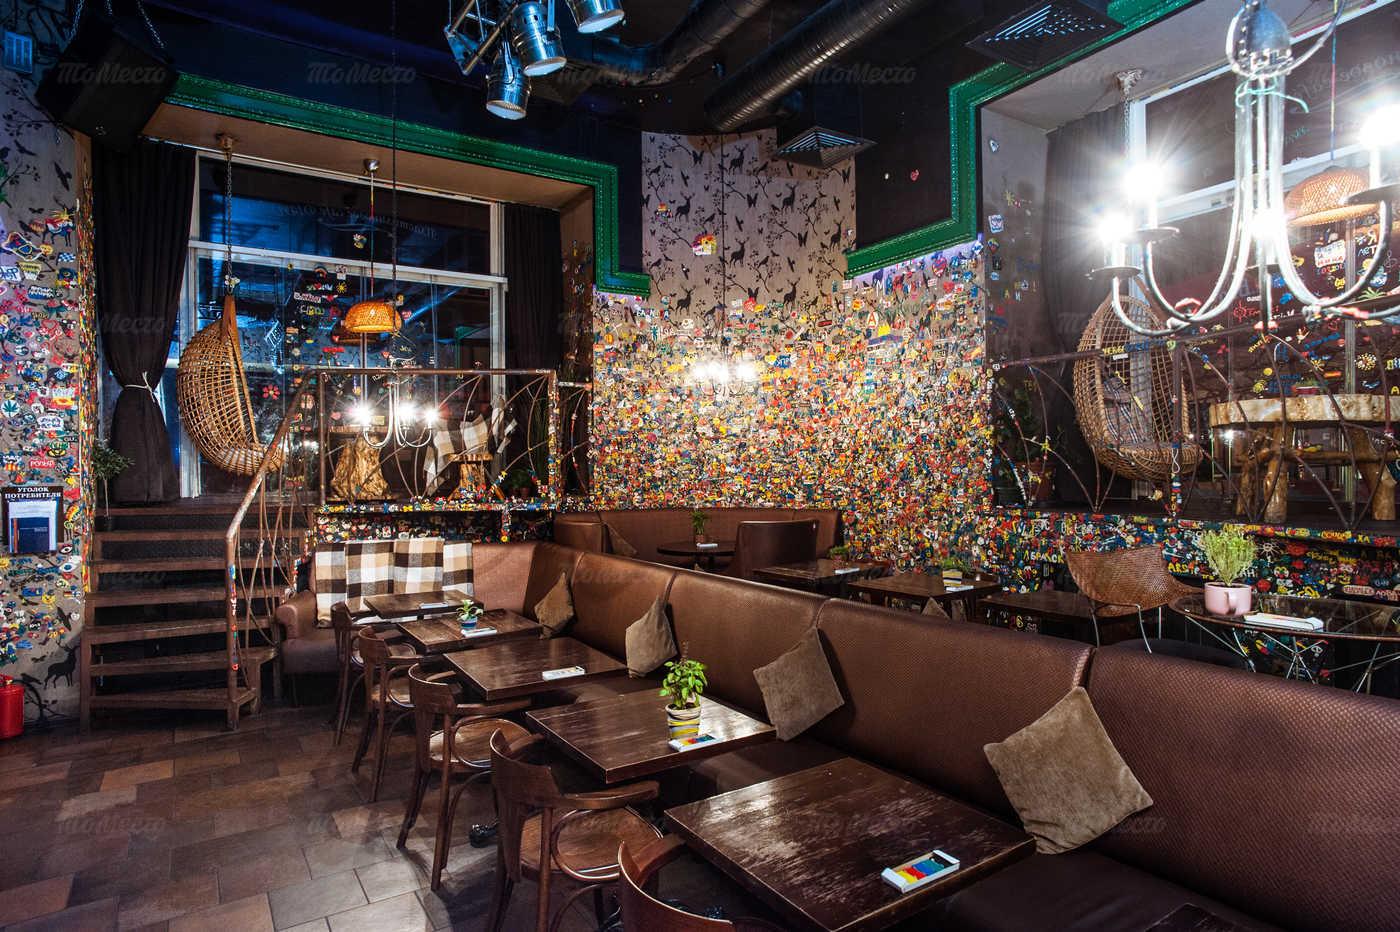 Меню бара, кафе Диду (Didu) на Мясницкой улице